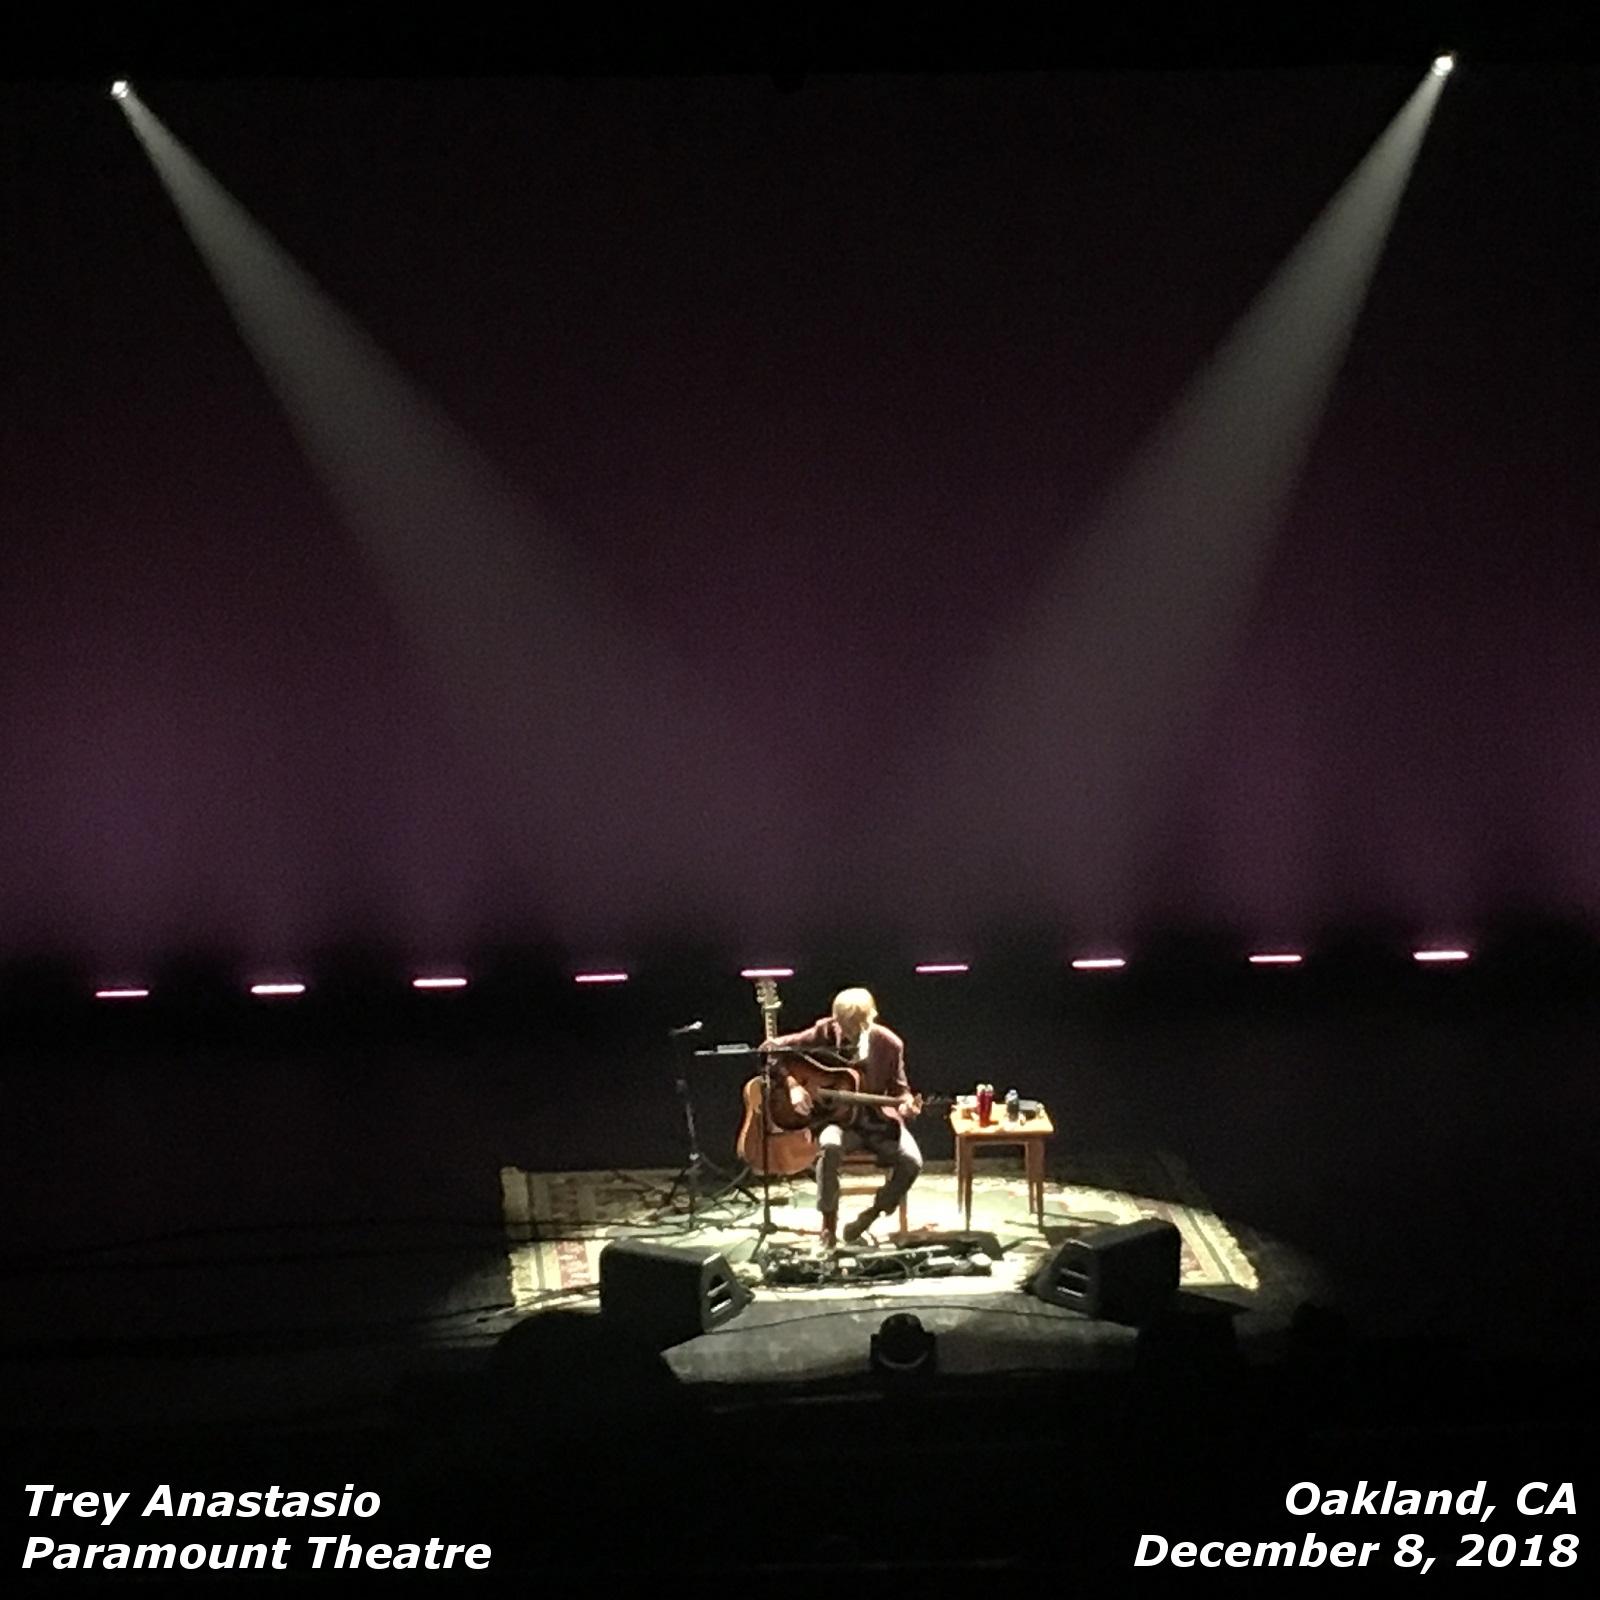 TreyAnastasio2018-12-08ParamountTheatreOaklandCA.jpg